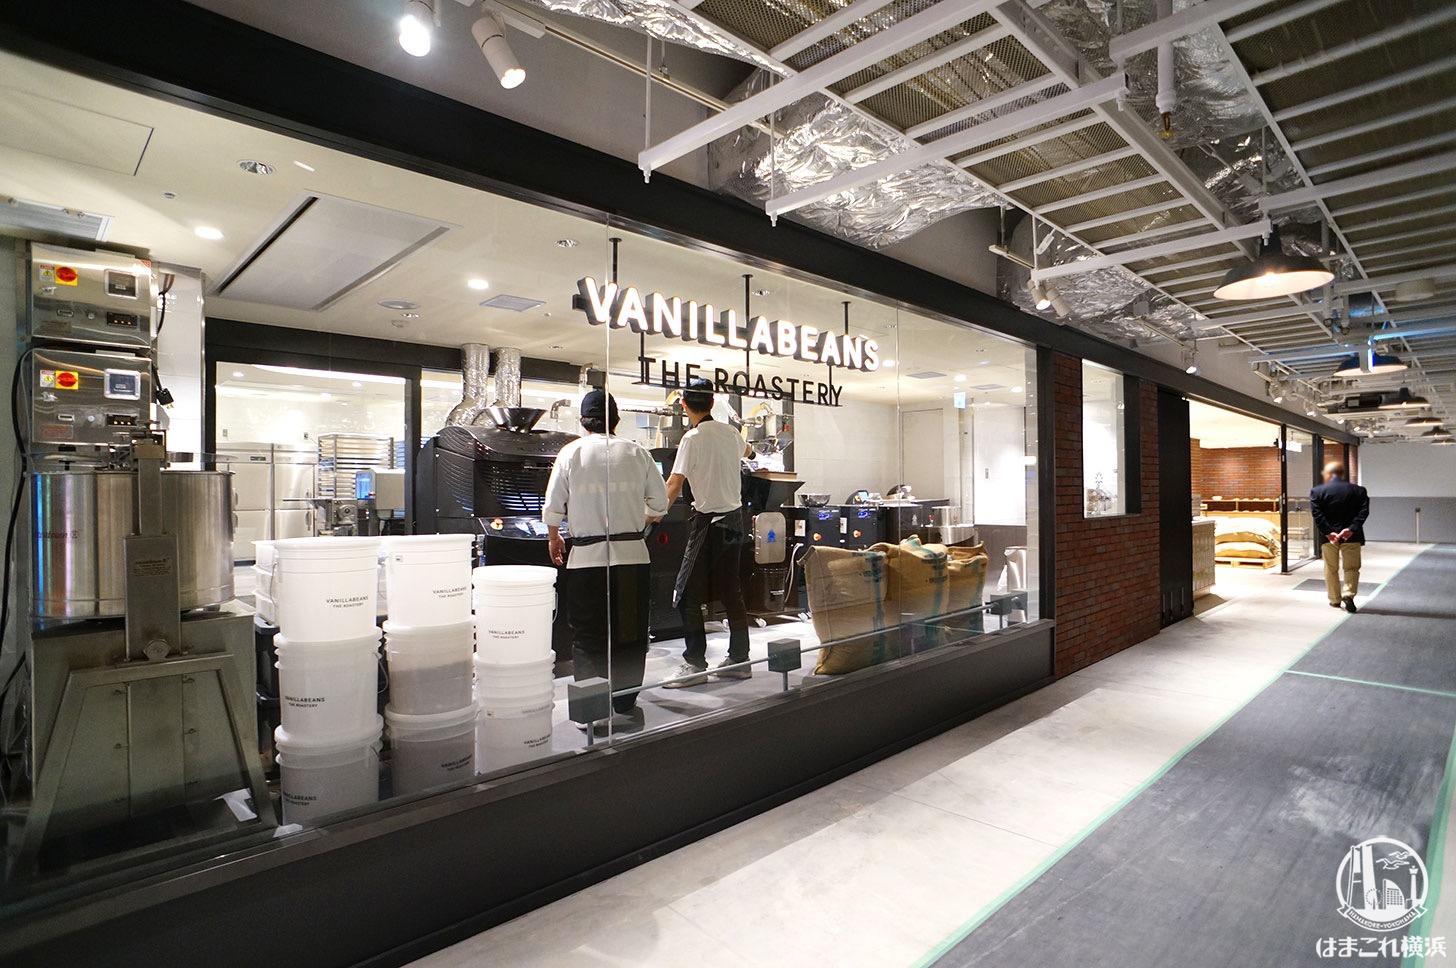 バニラビーンズ ザ ロースタリー、横浜ハンマーヘッドに!ファクトリー併設のカフェ